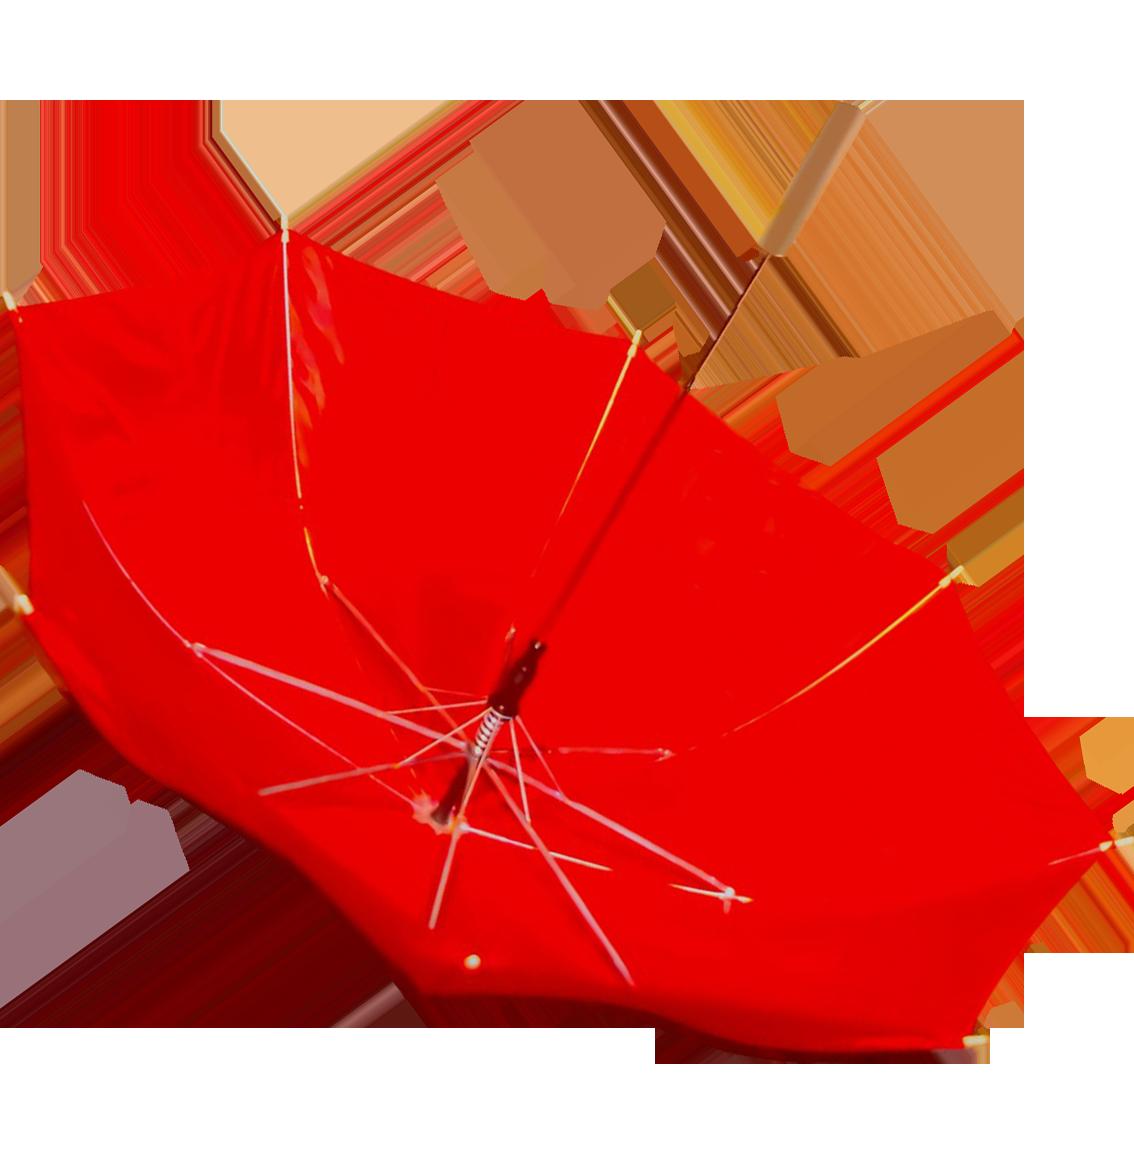 red umbrella blown upside down